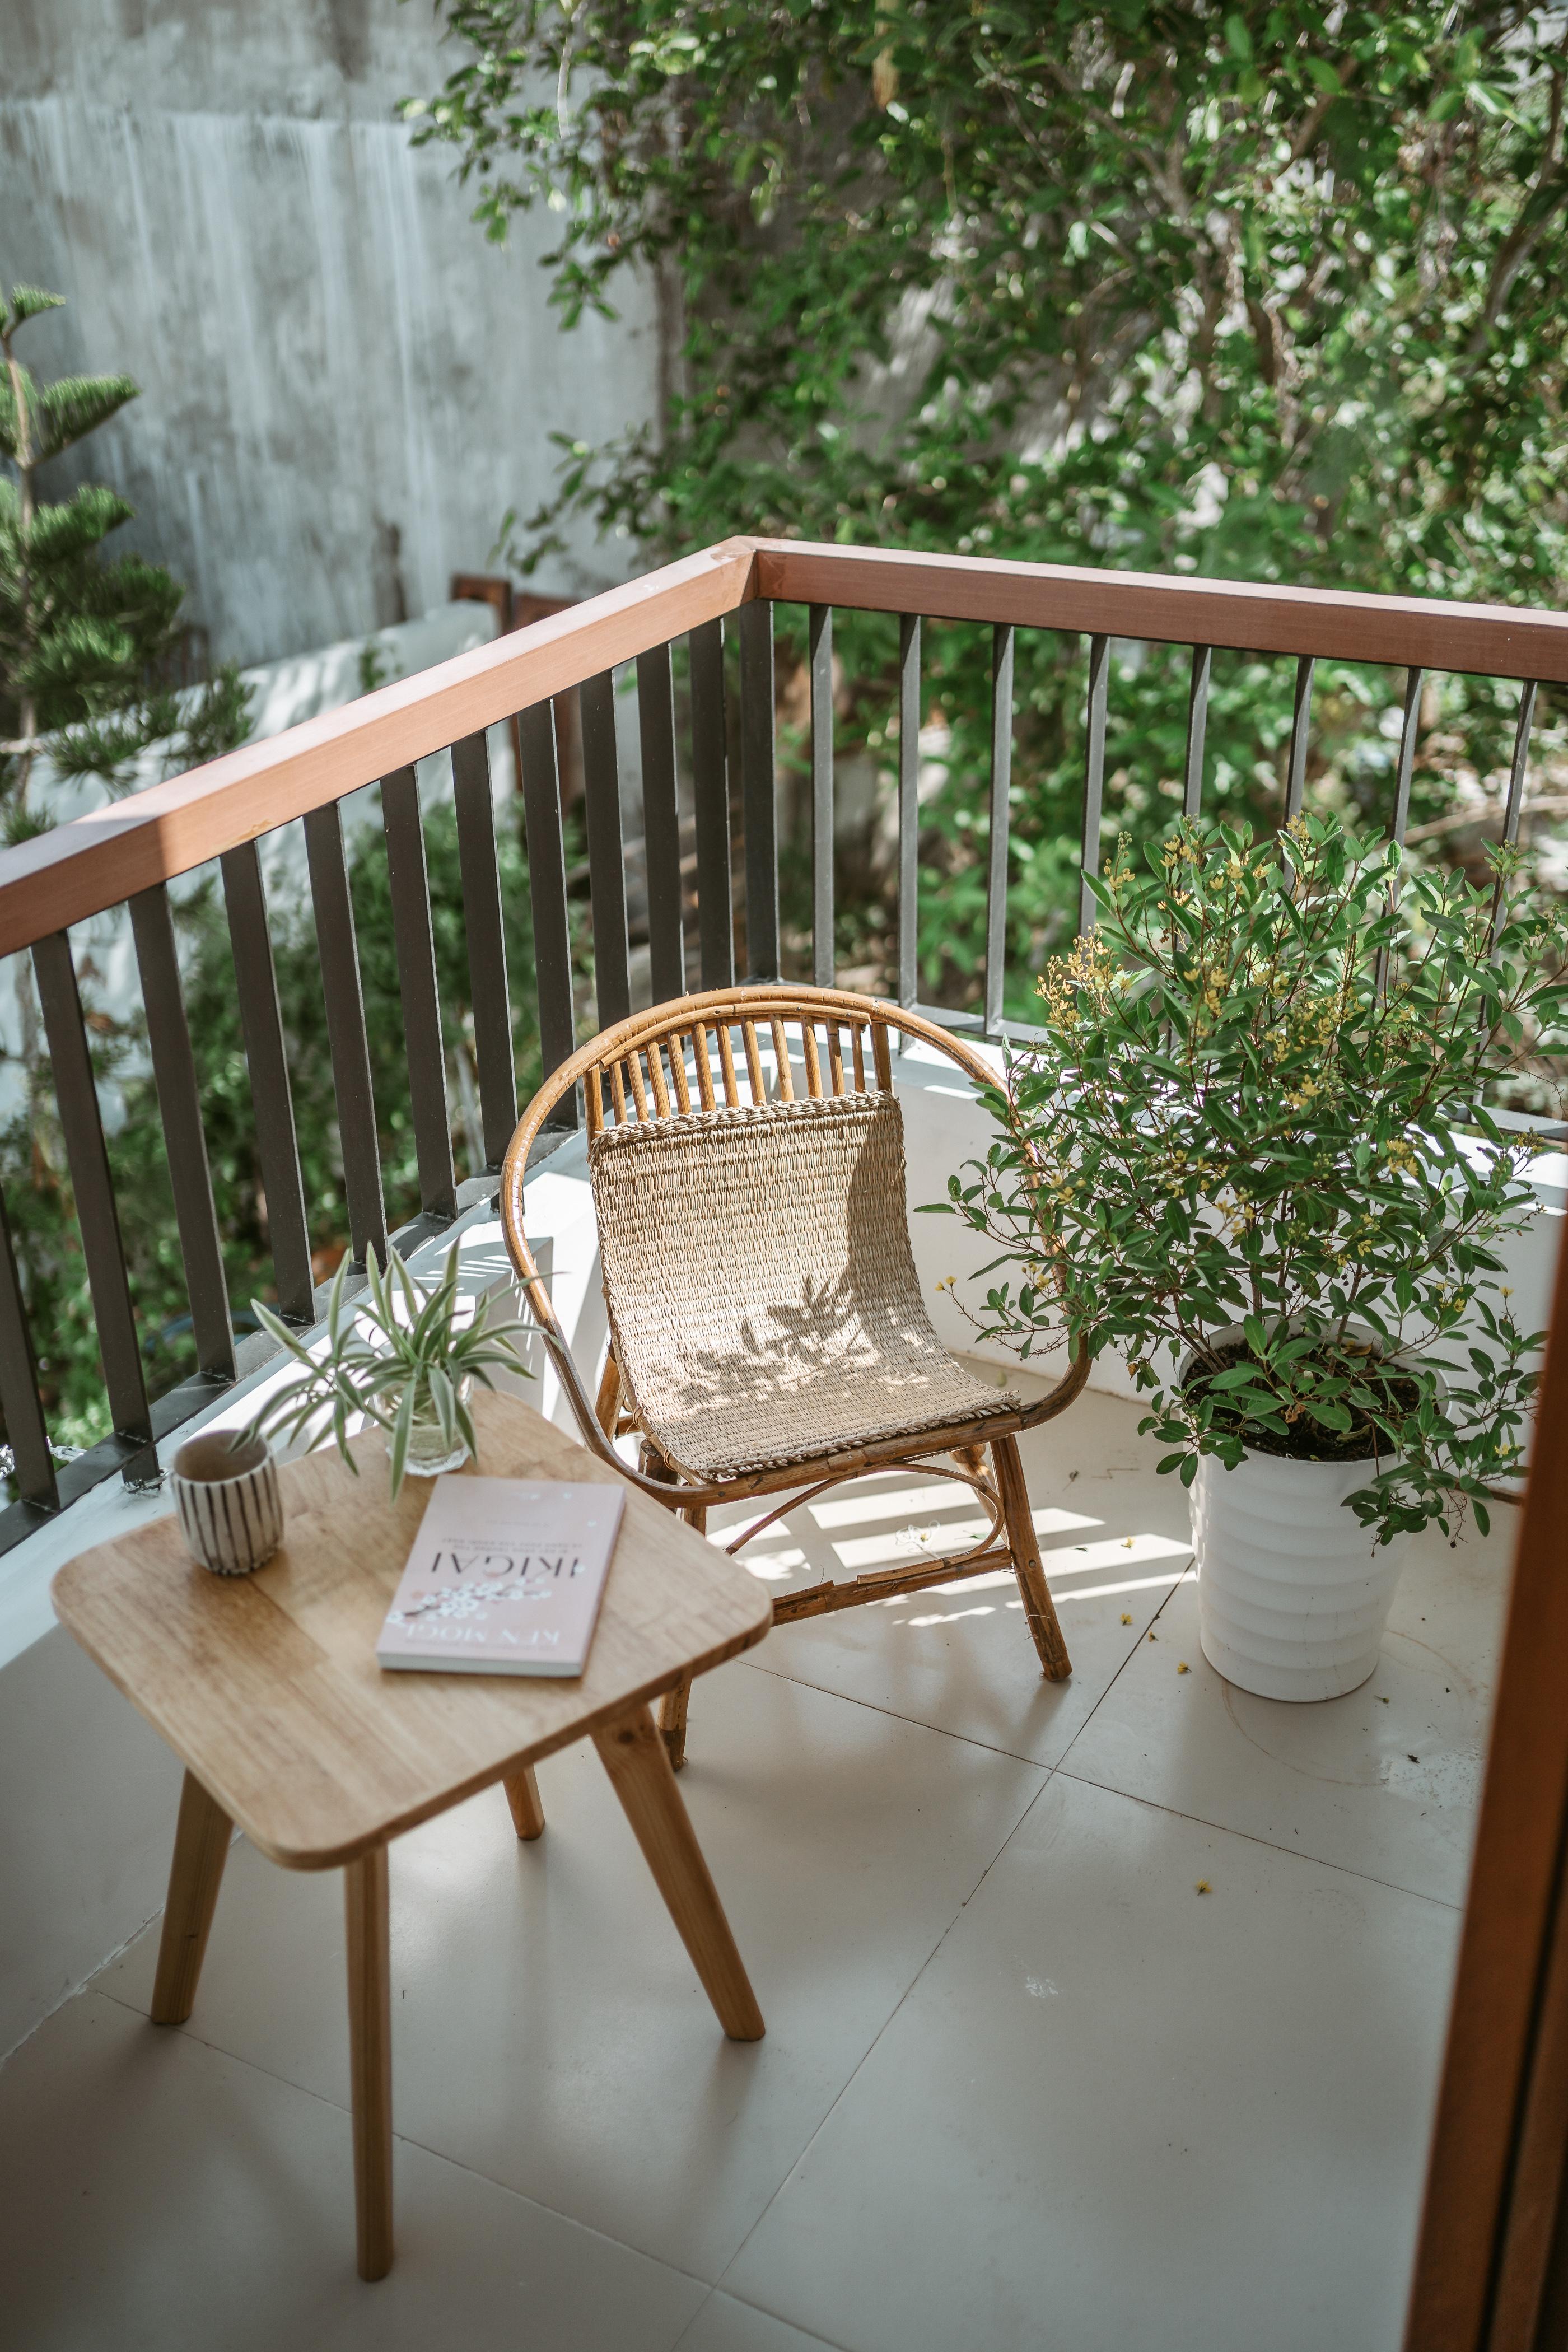 Cô gái quyết định rời Sài Gòn về Hội An cải tạo nhà ở 20 năm đã xuống cấp thành homestay 5 phòng đẹp lung linh, cho khách thuê chỉ 420-520 ngàn đồng/ phòng - Ảnh 20.